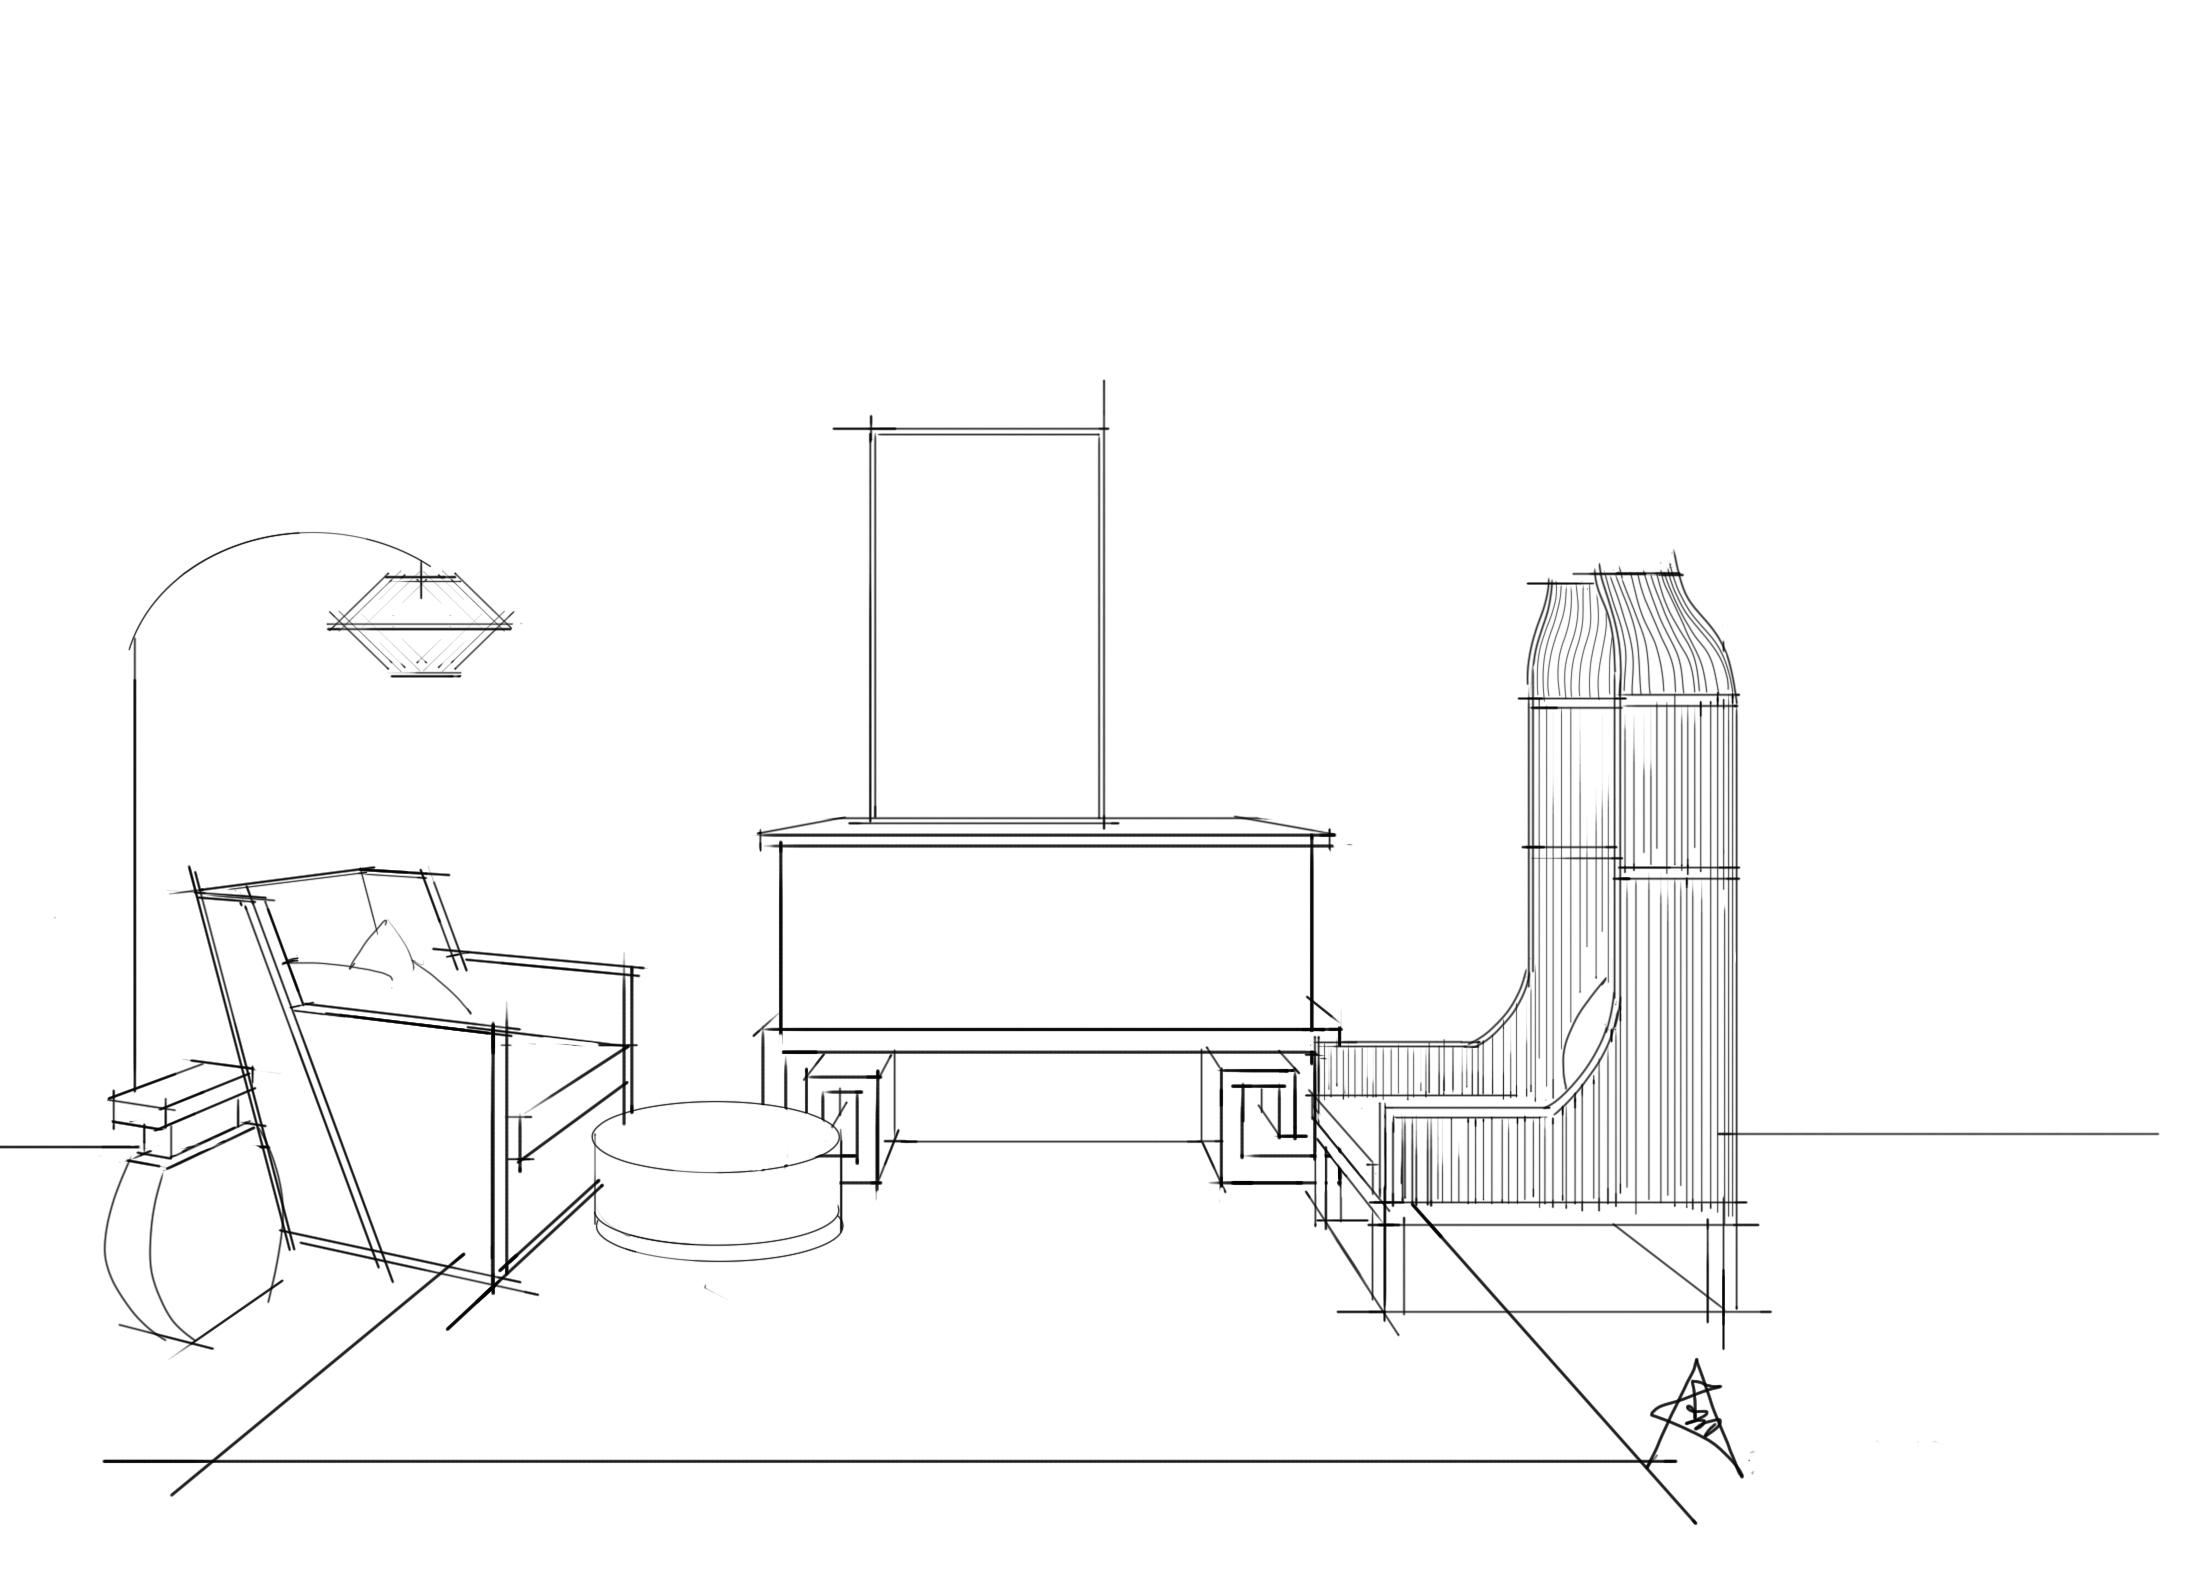 单体线稿(手绘)|空间|室内设计|a32号 - 原创作品